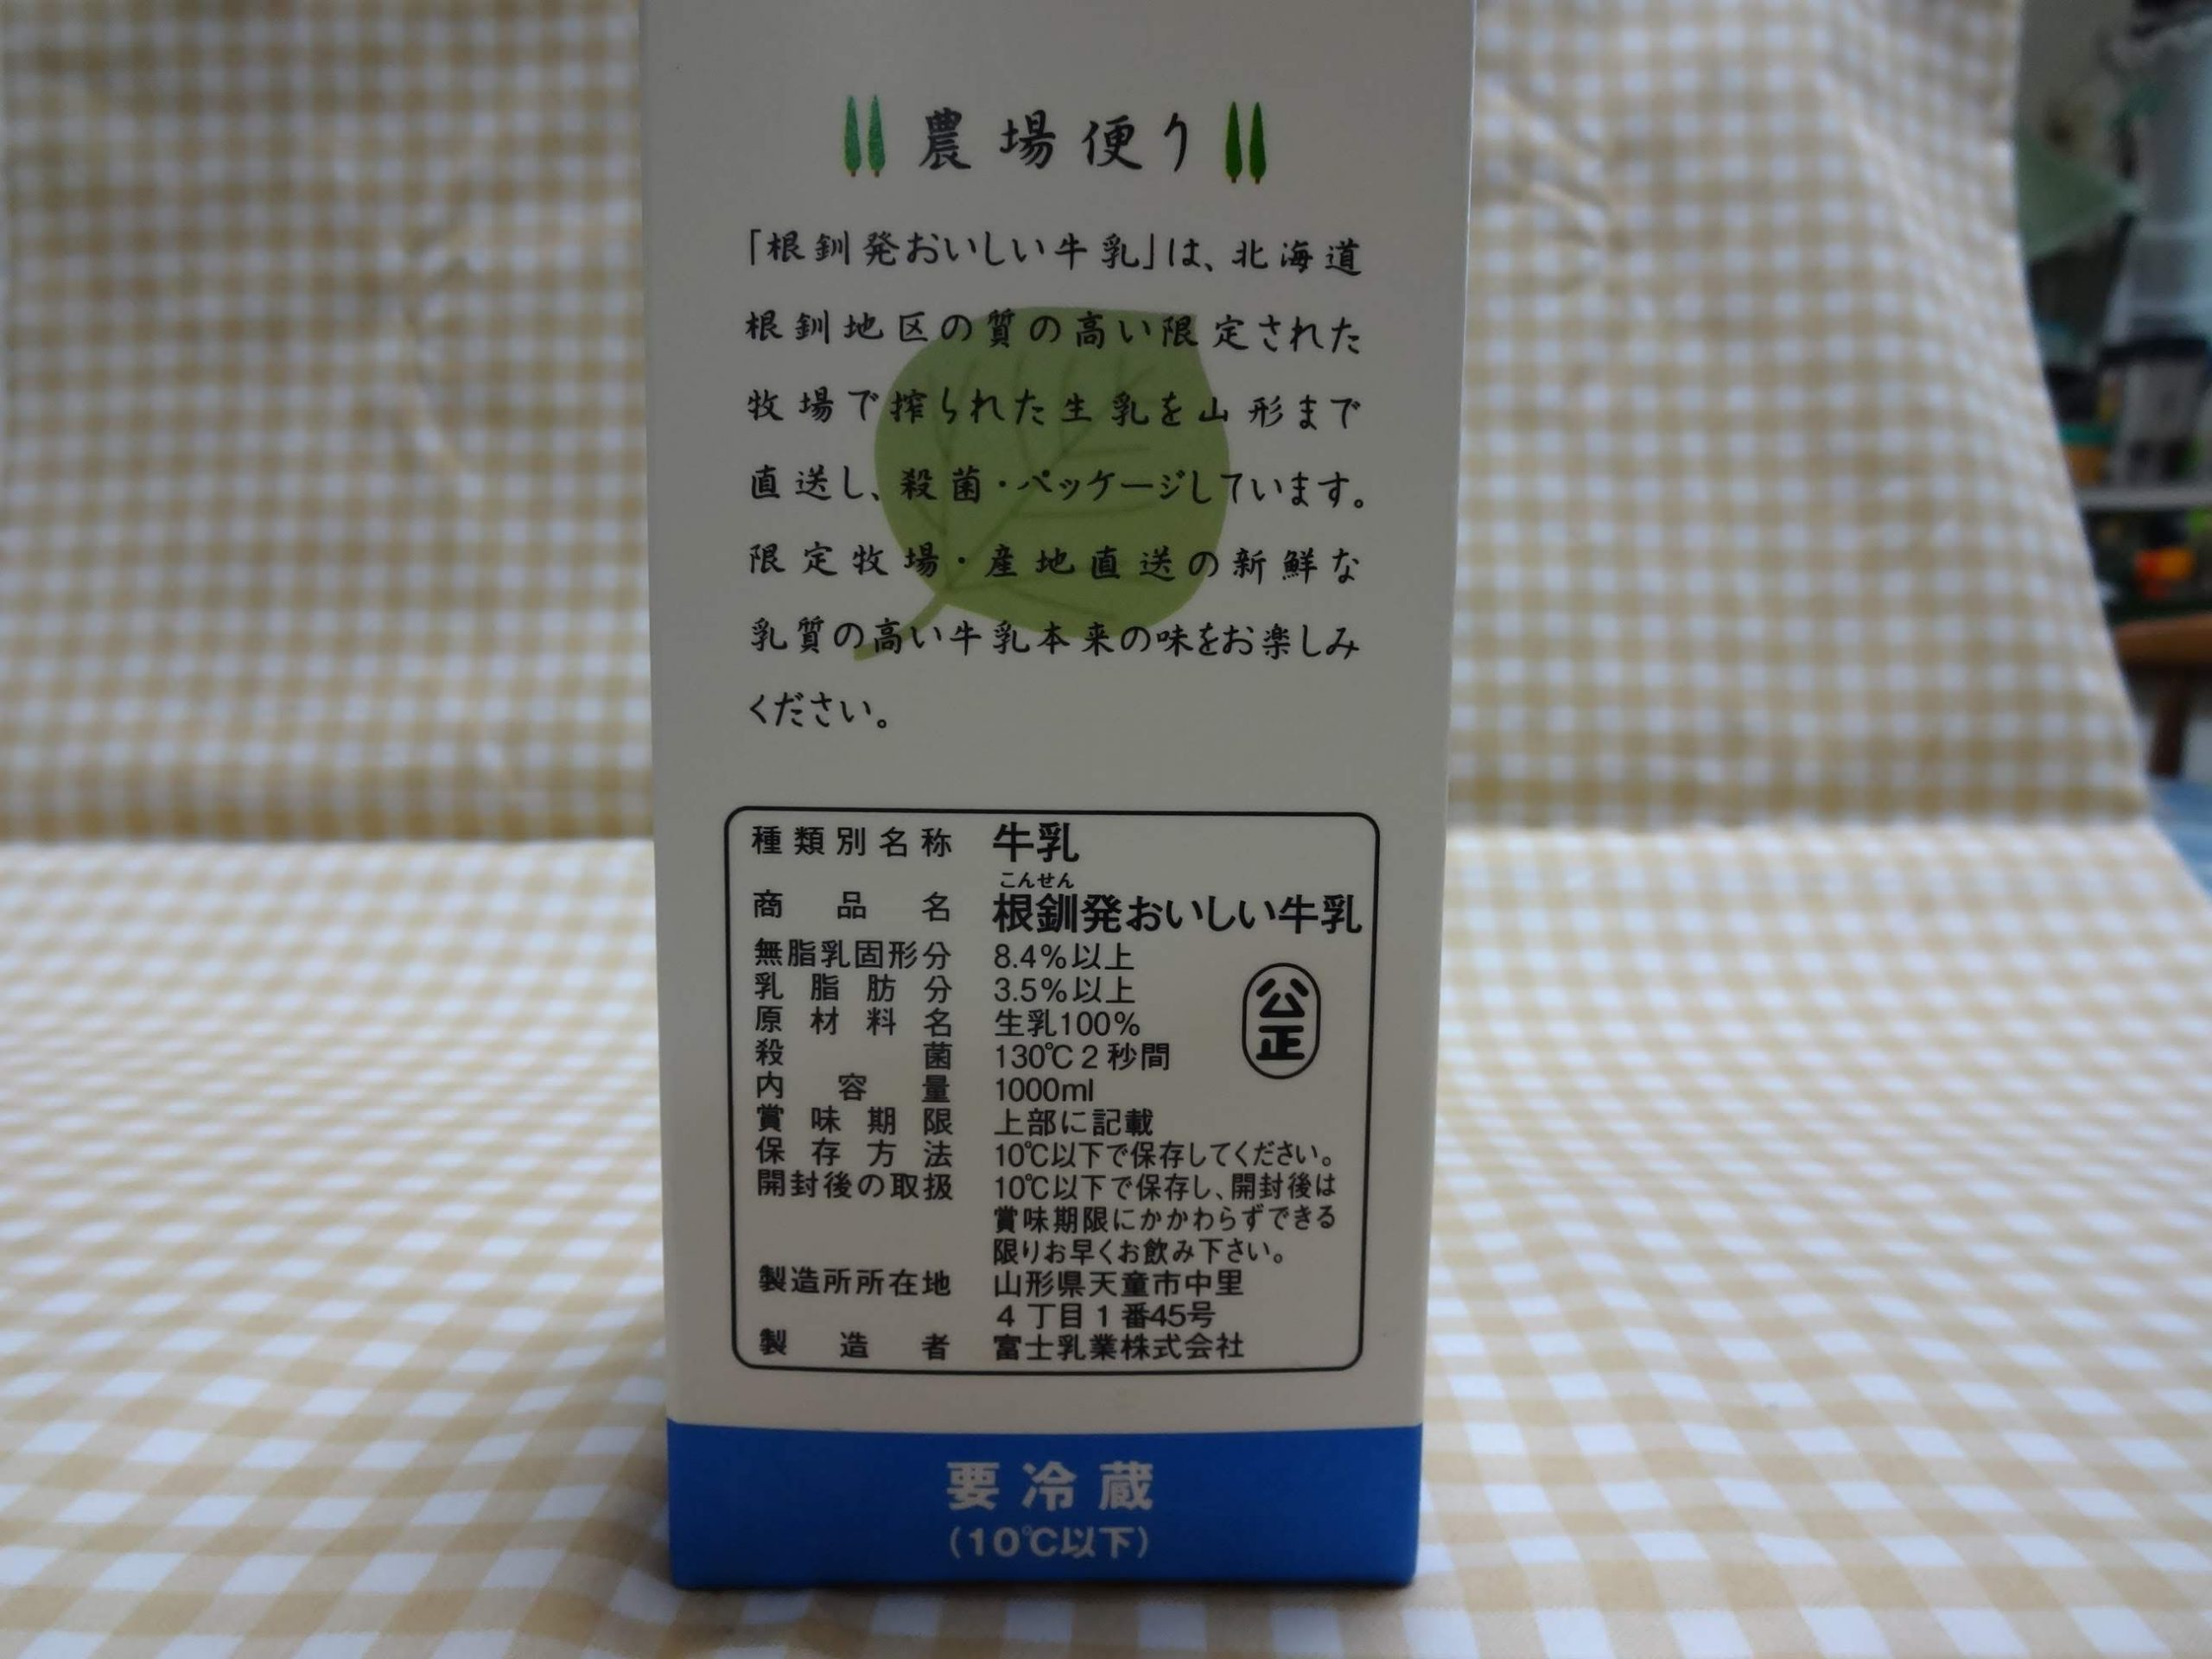 根釧発おいしい牛乳/富士乳業_DSC00119